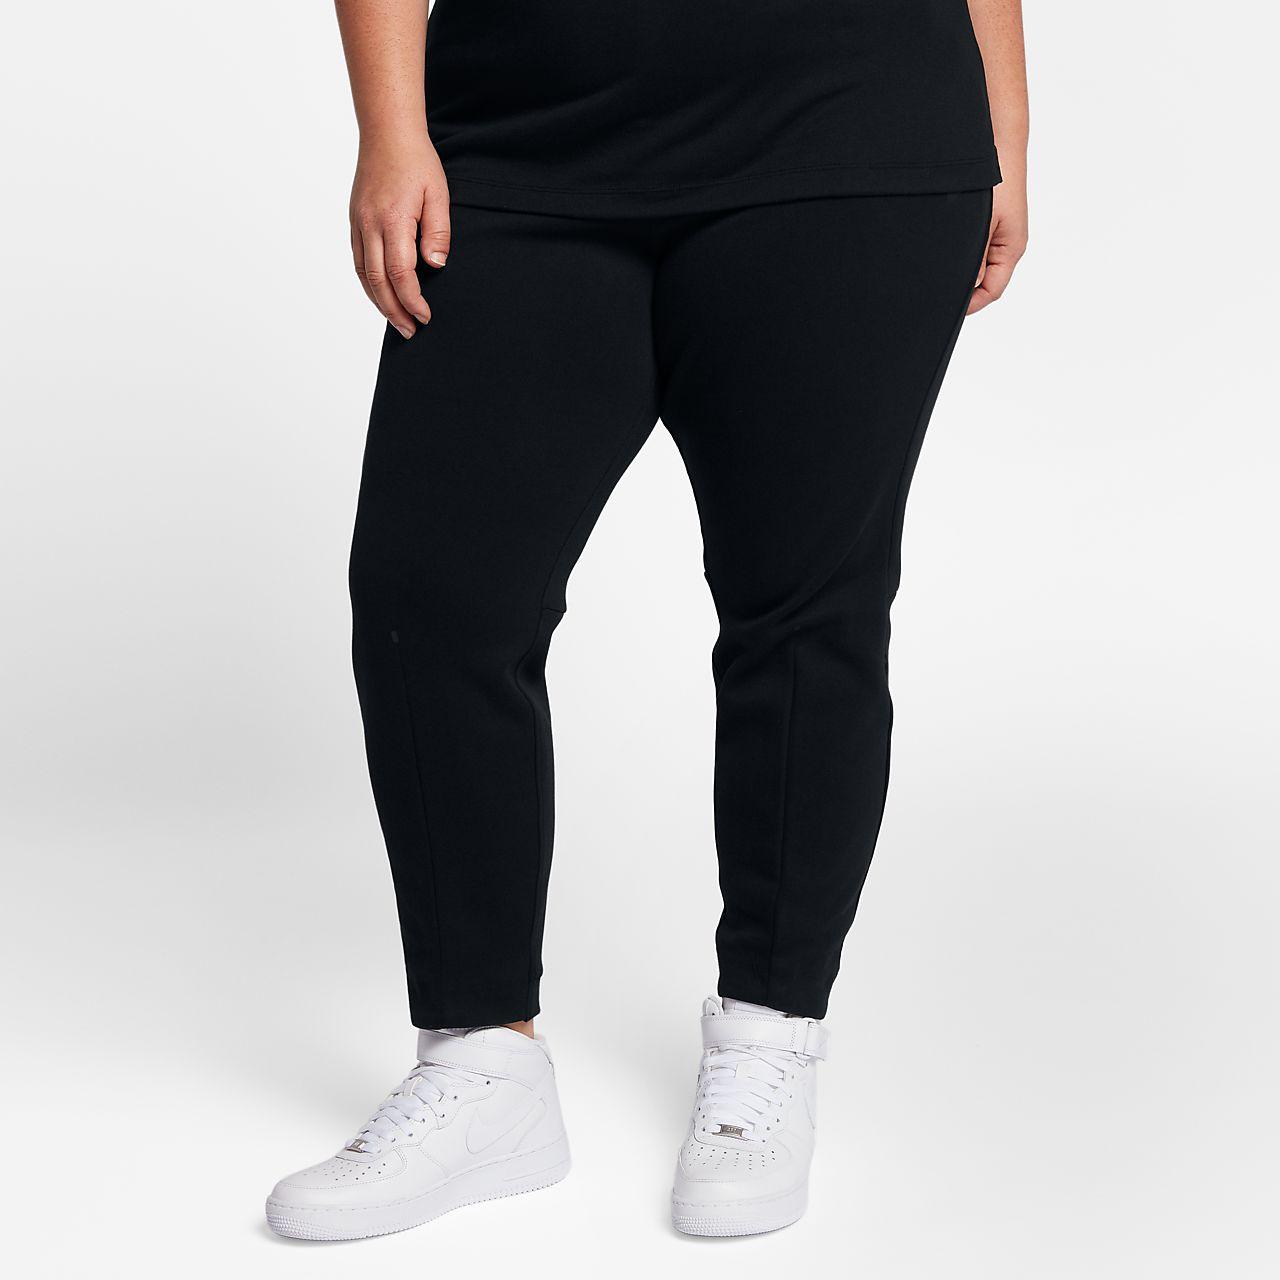 Dámské kalhoty Nike Sportswear Tech Fleece (nadměrná velikost)